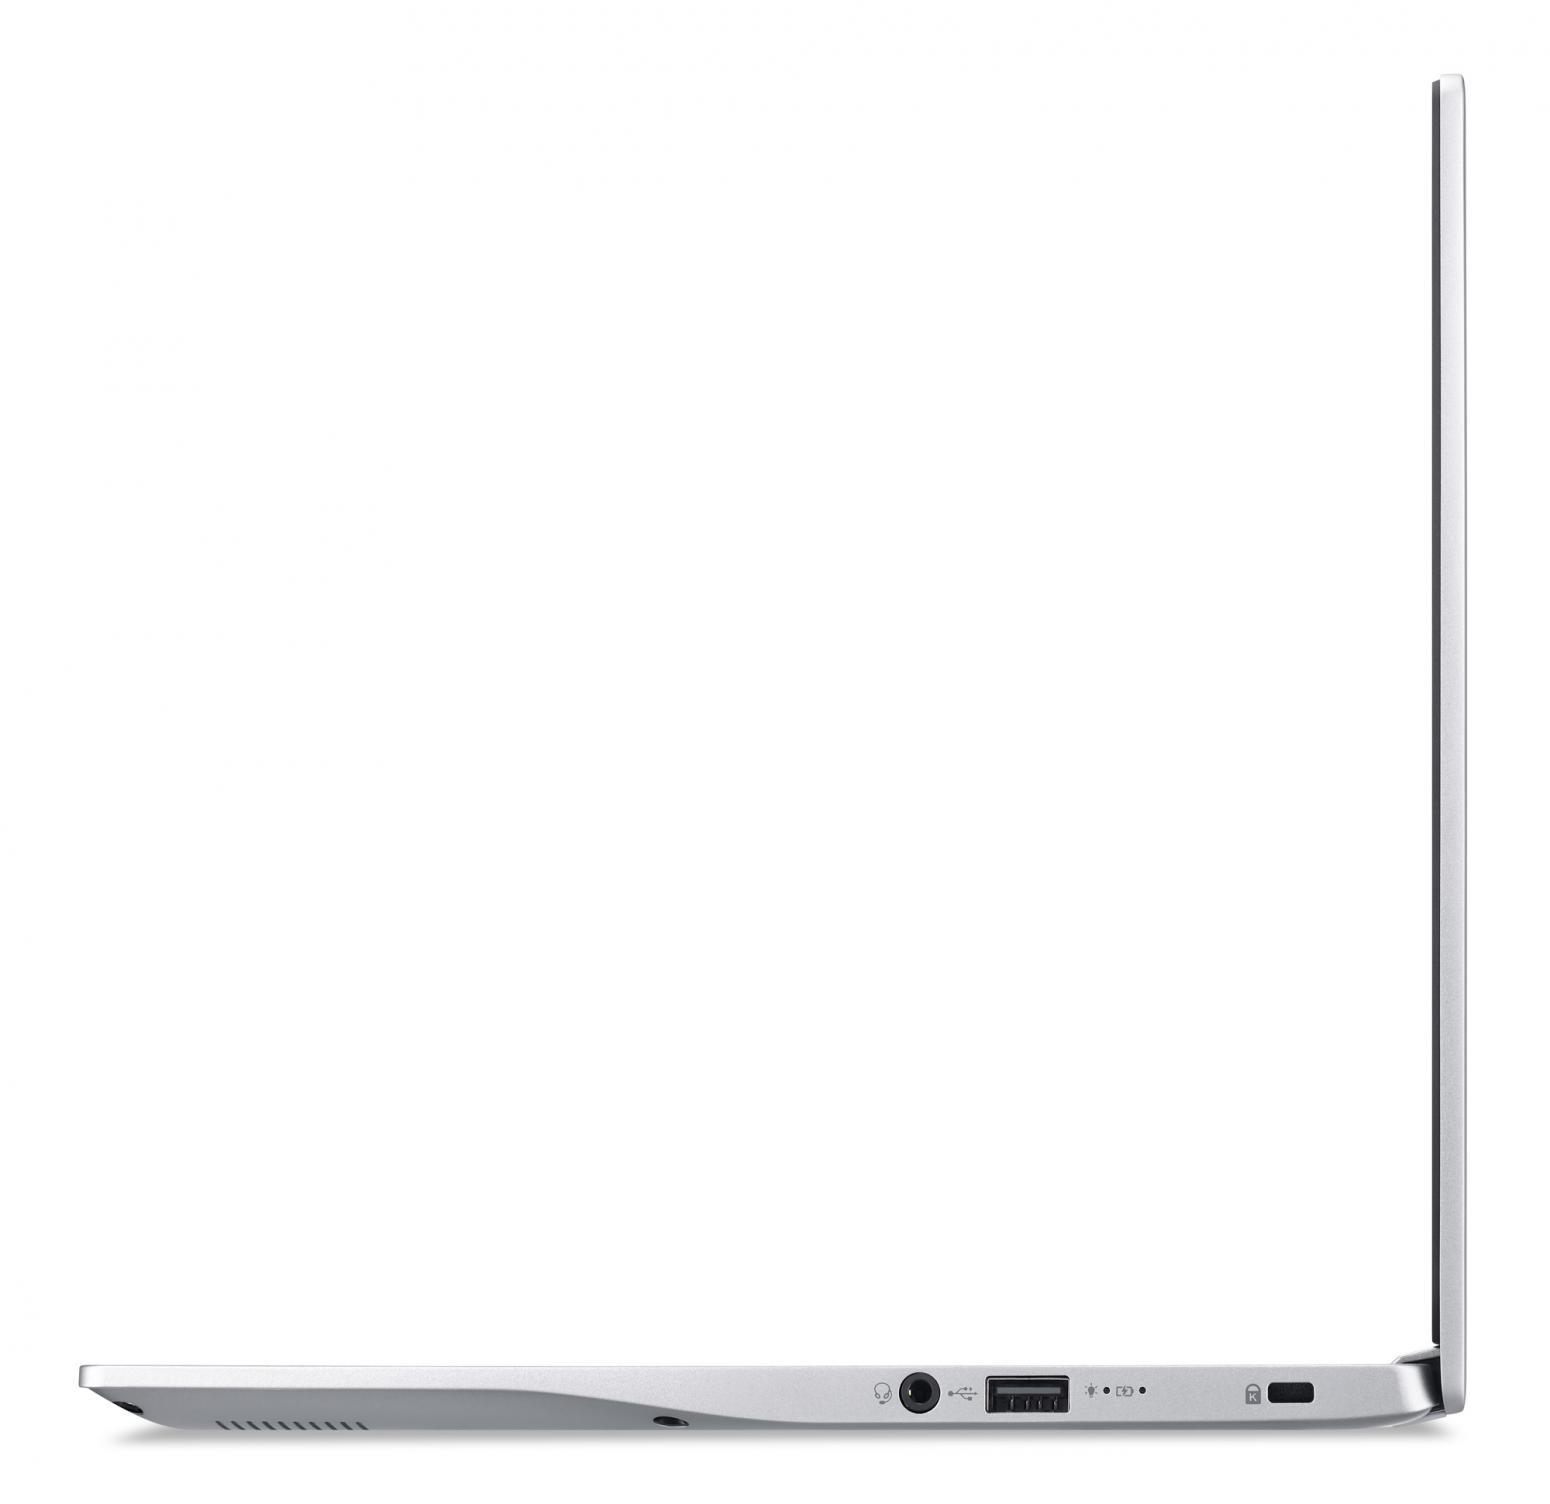 Ordinateur portable Acer Swift 3 SF314-42-R8KM Argent - Ryzen 7 Octo Core - photo 8